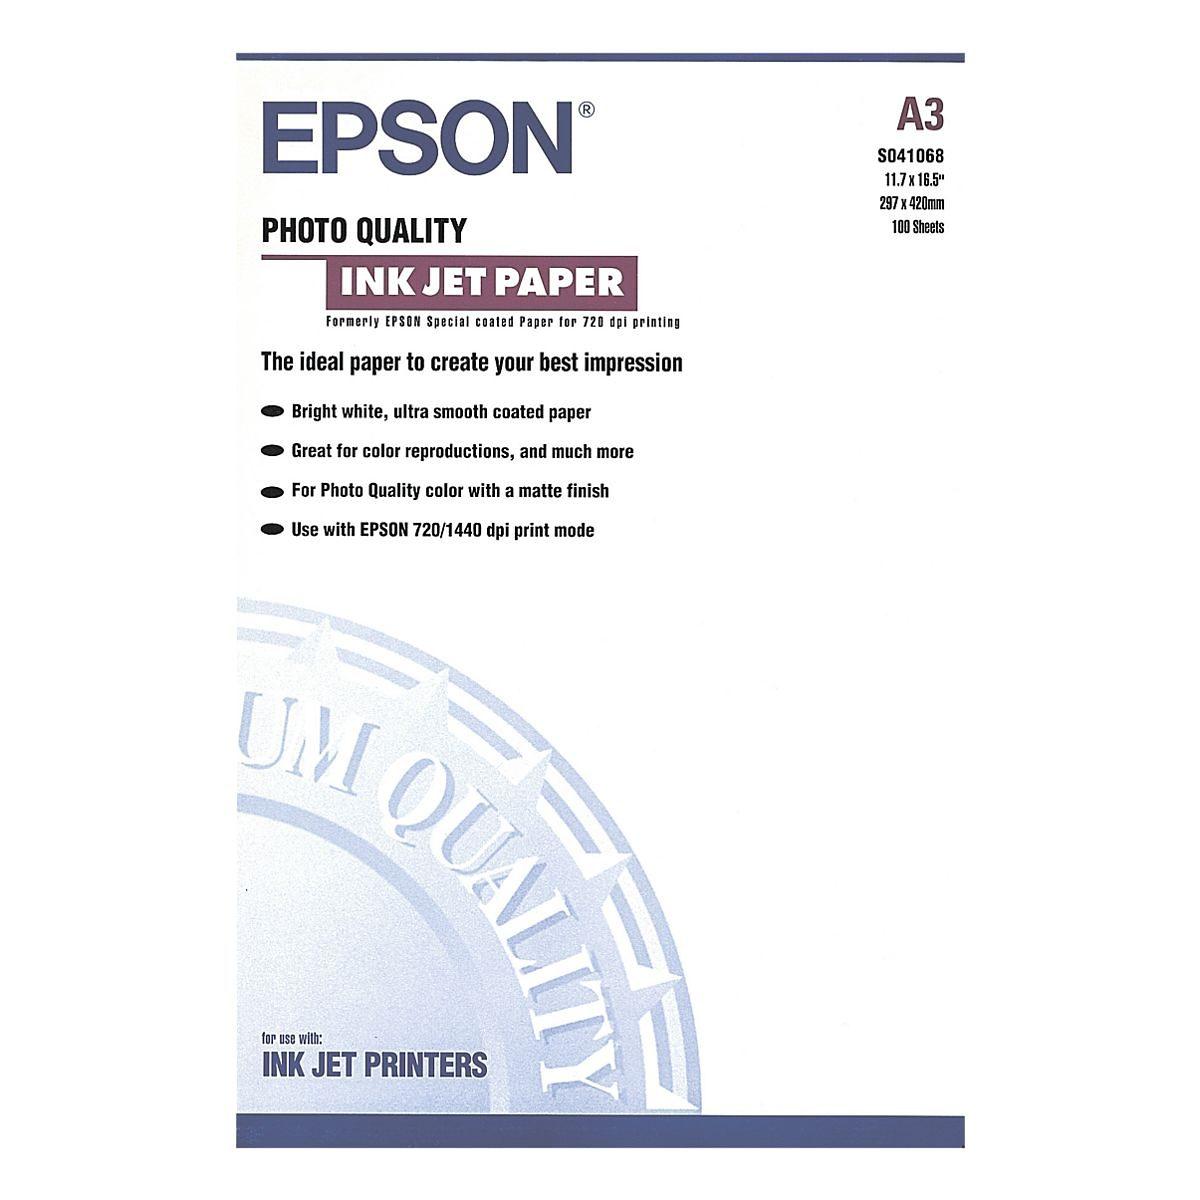 Epson InkJet-Papier »Photo Quality InkJet«, A3